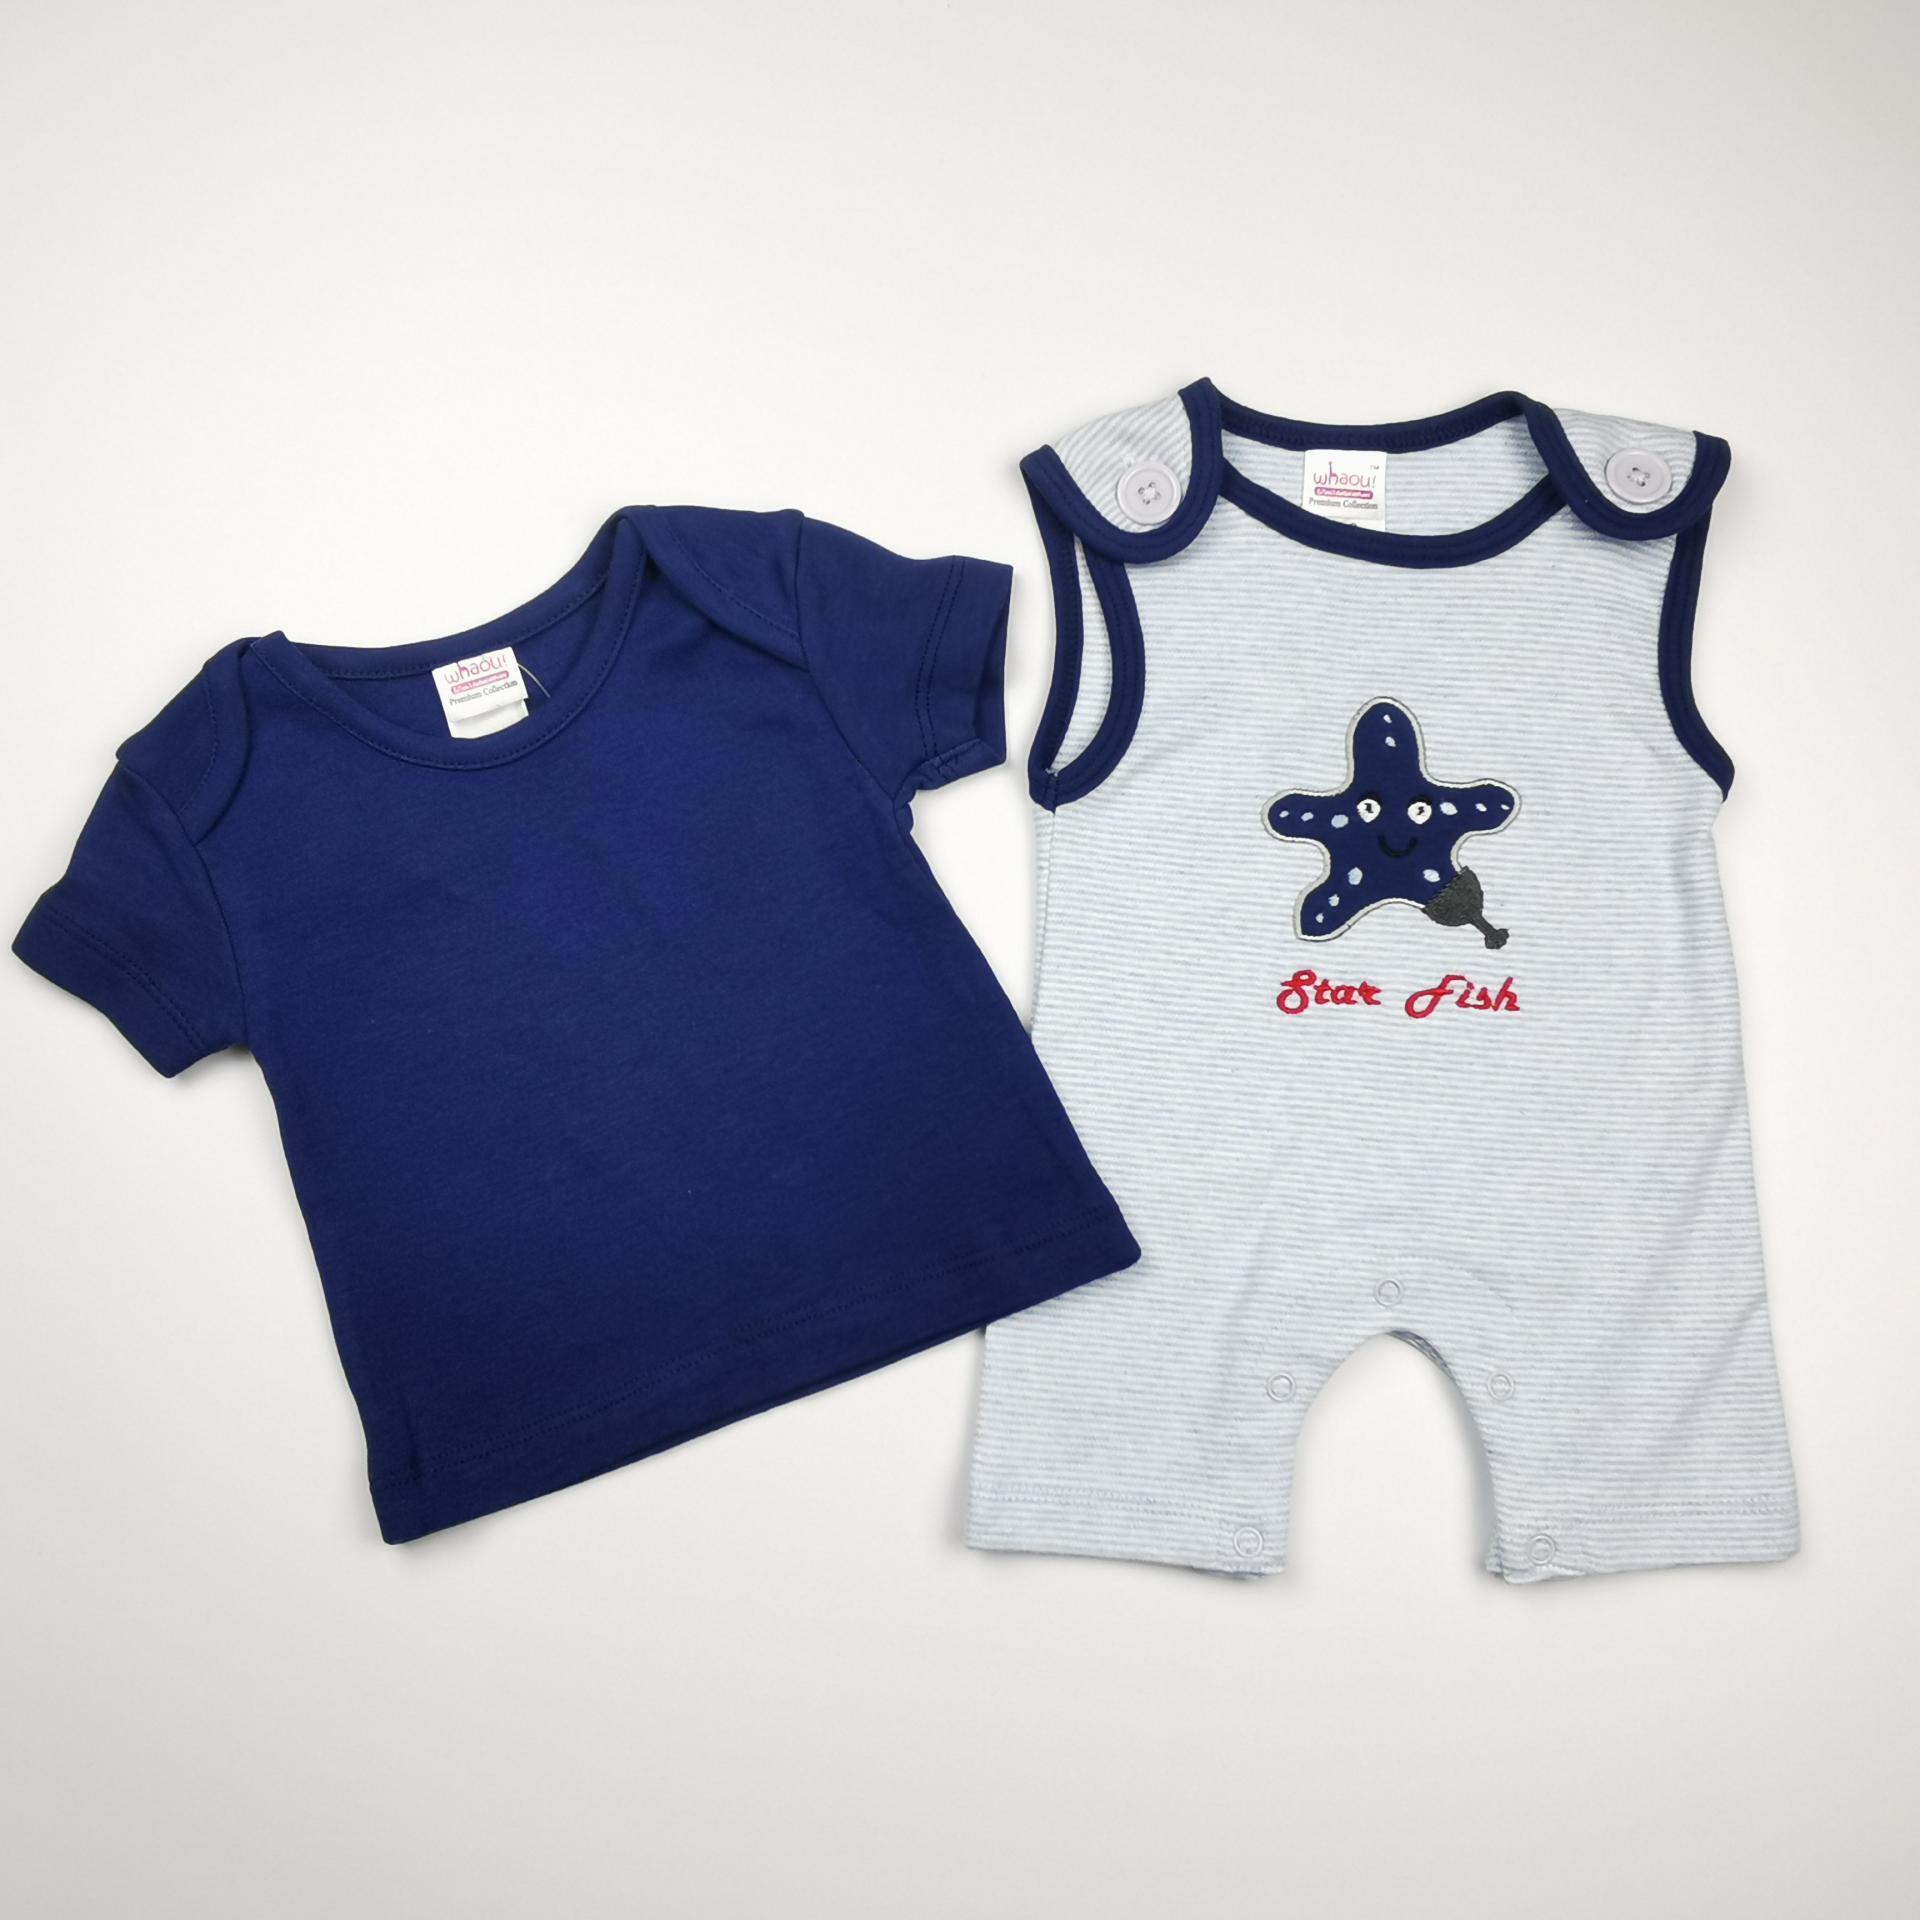 Pelele con camiseta a juego azul y blanco (algodón orgánico)